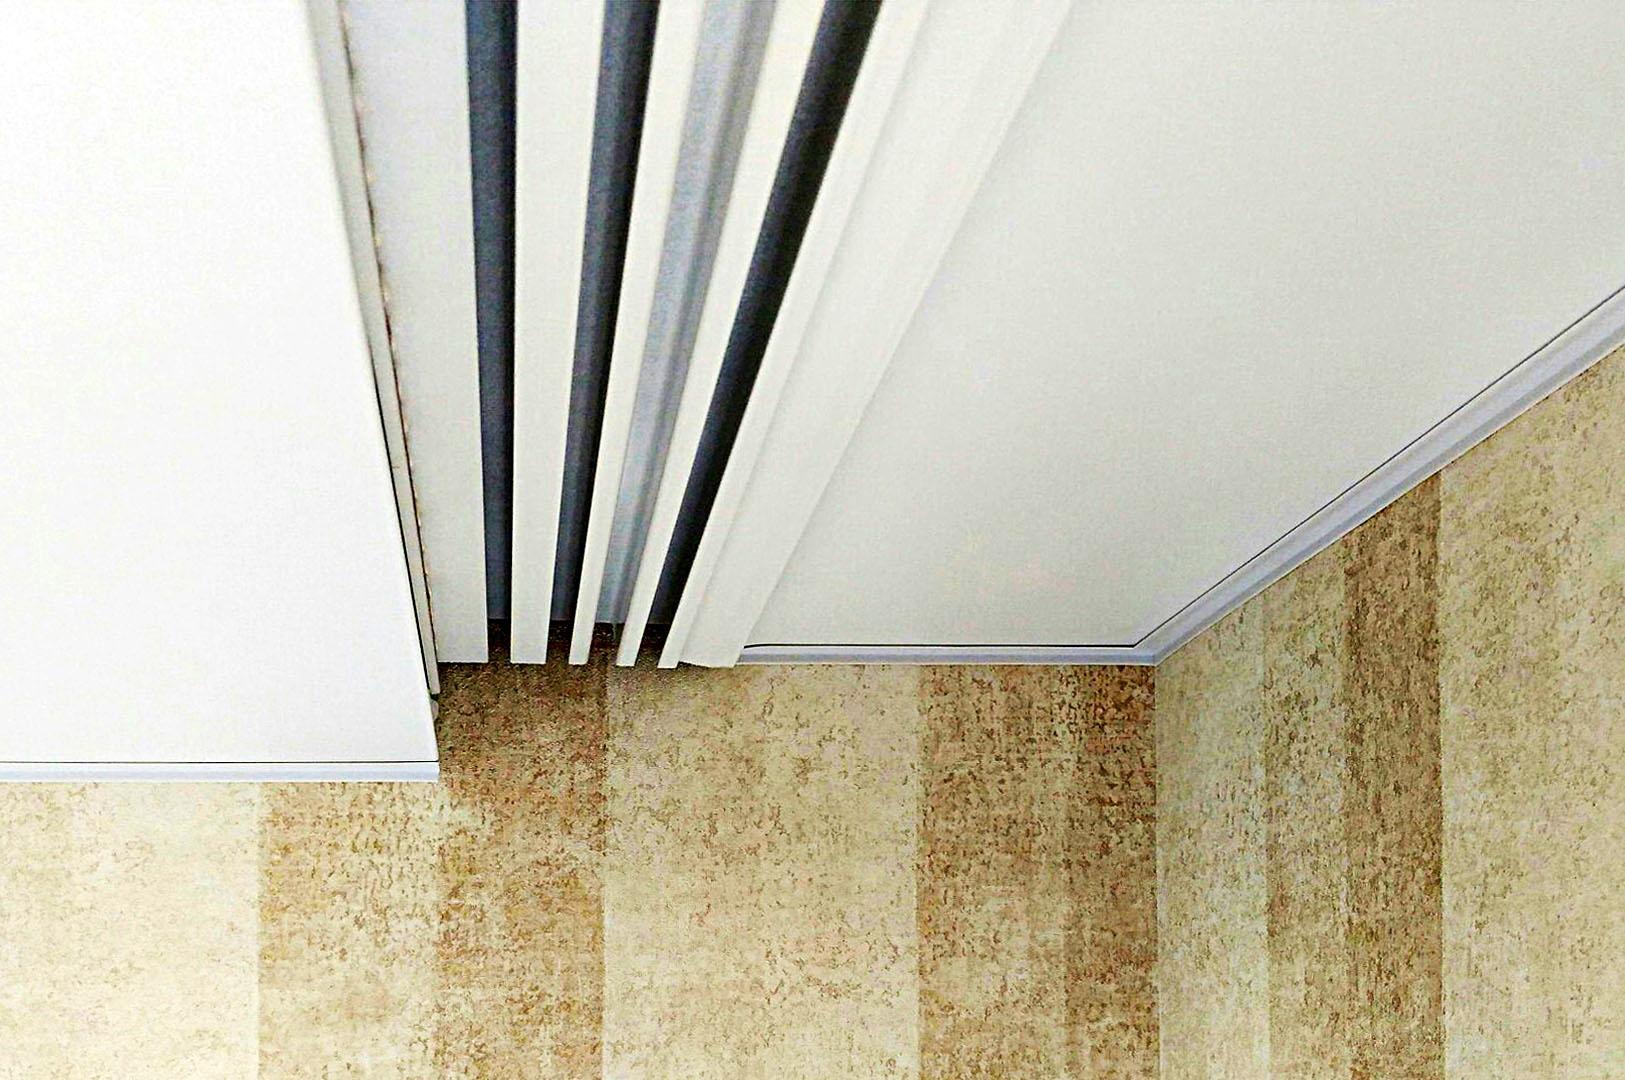 Алюминиевый карниз для штор интегрированный в натяжной потолок